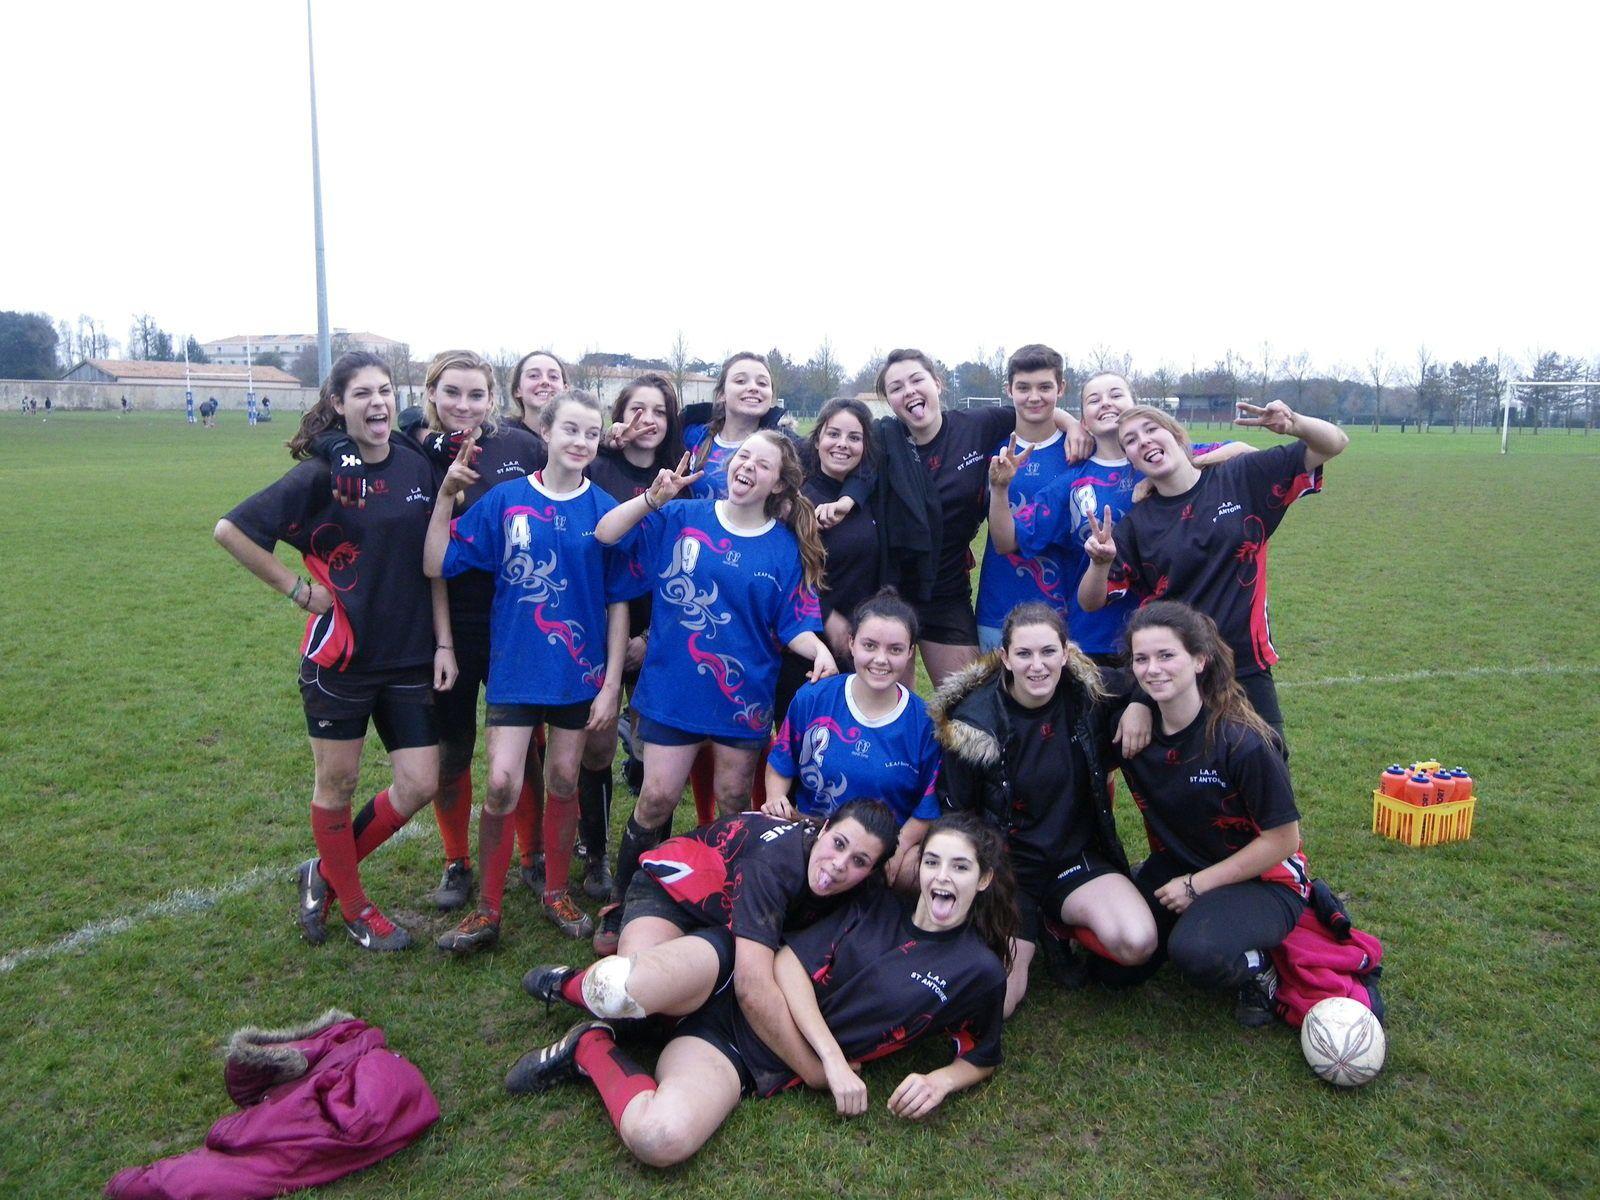 2éme journée de promotion Rugby